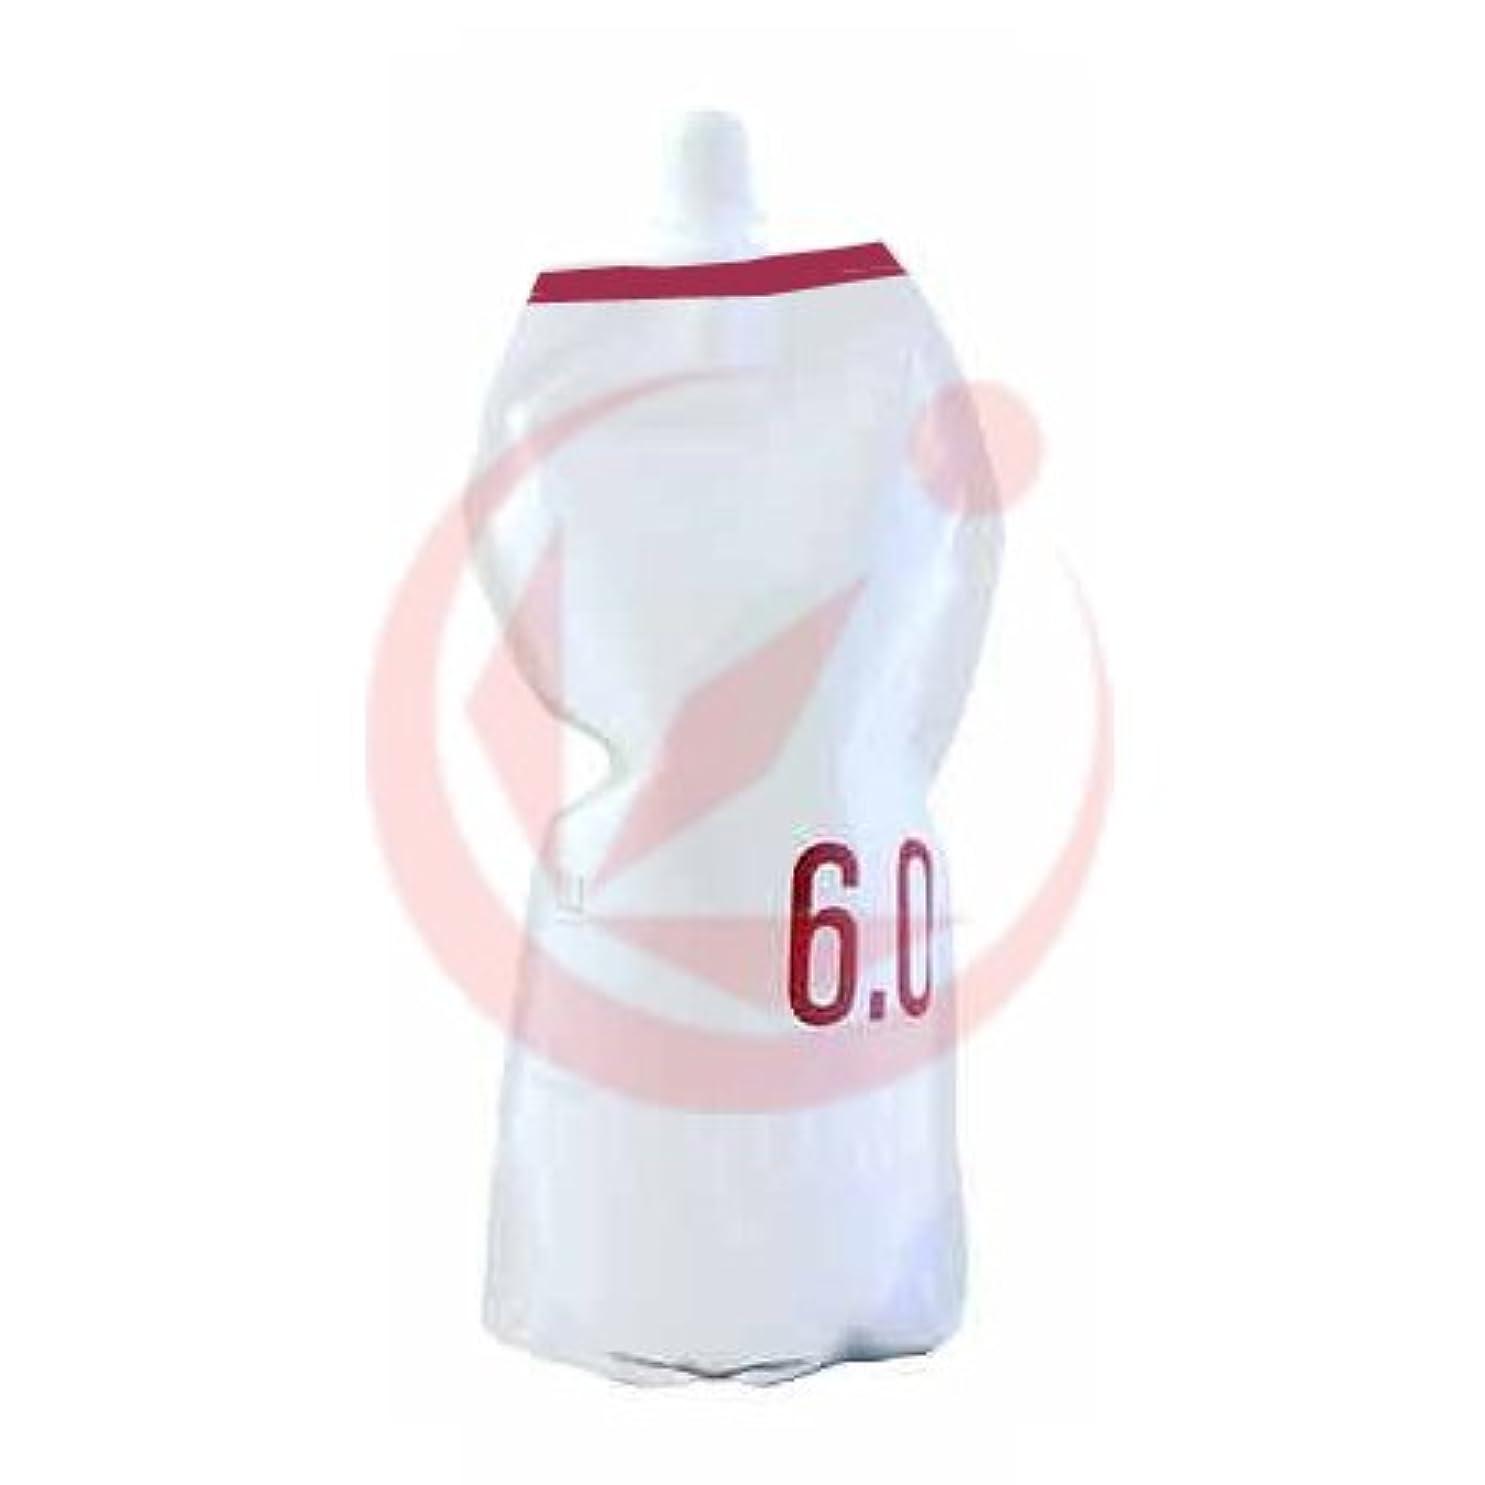 ガムショッキング慣習ナンバースリー プロアクション リクロマ オキシ(OX) 1200ml(2剤) 6.0%*